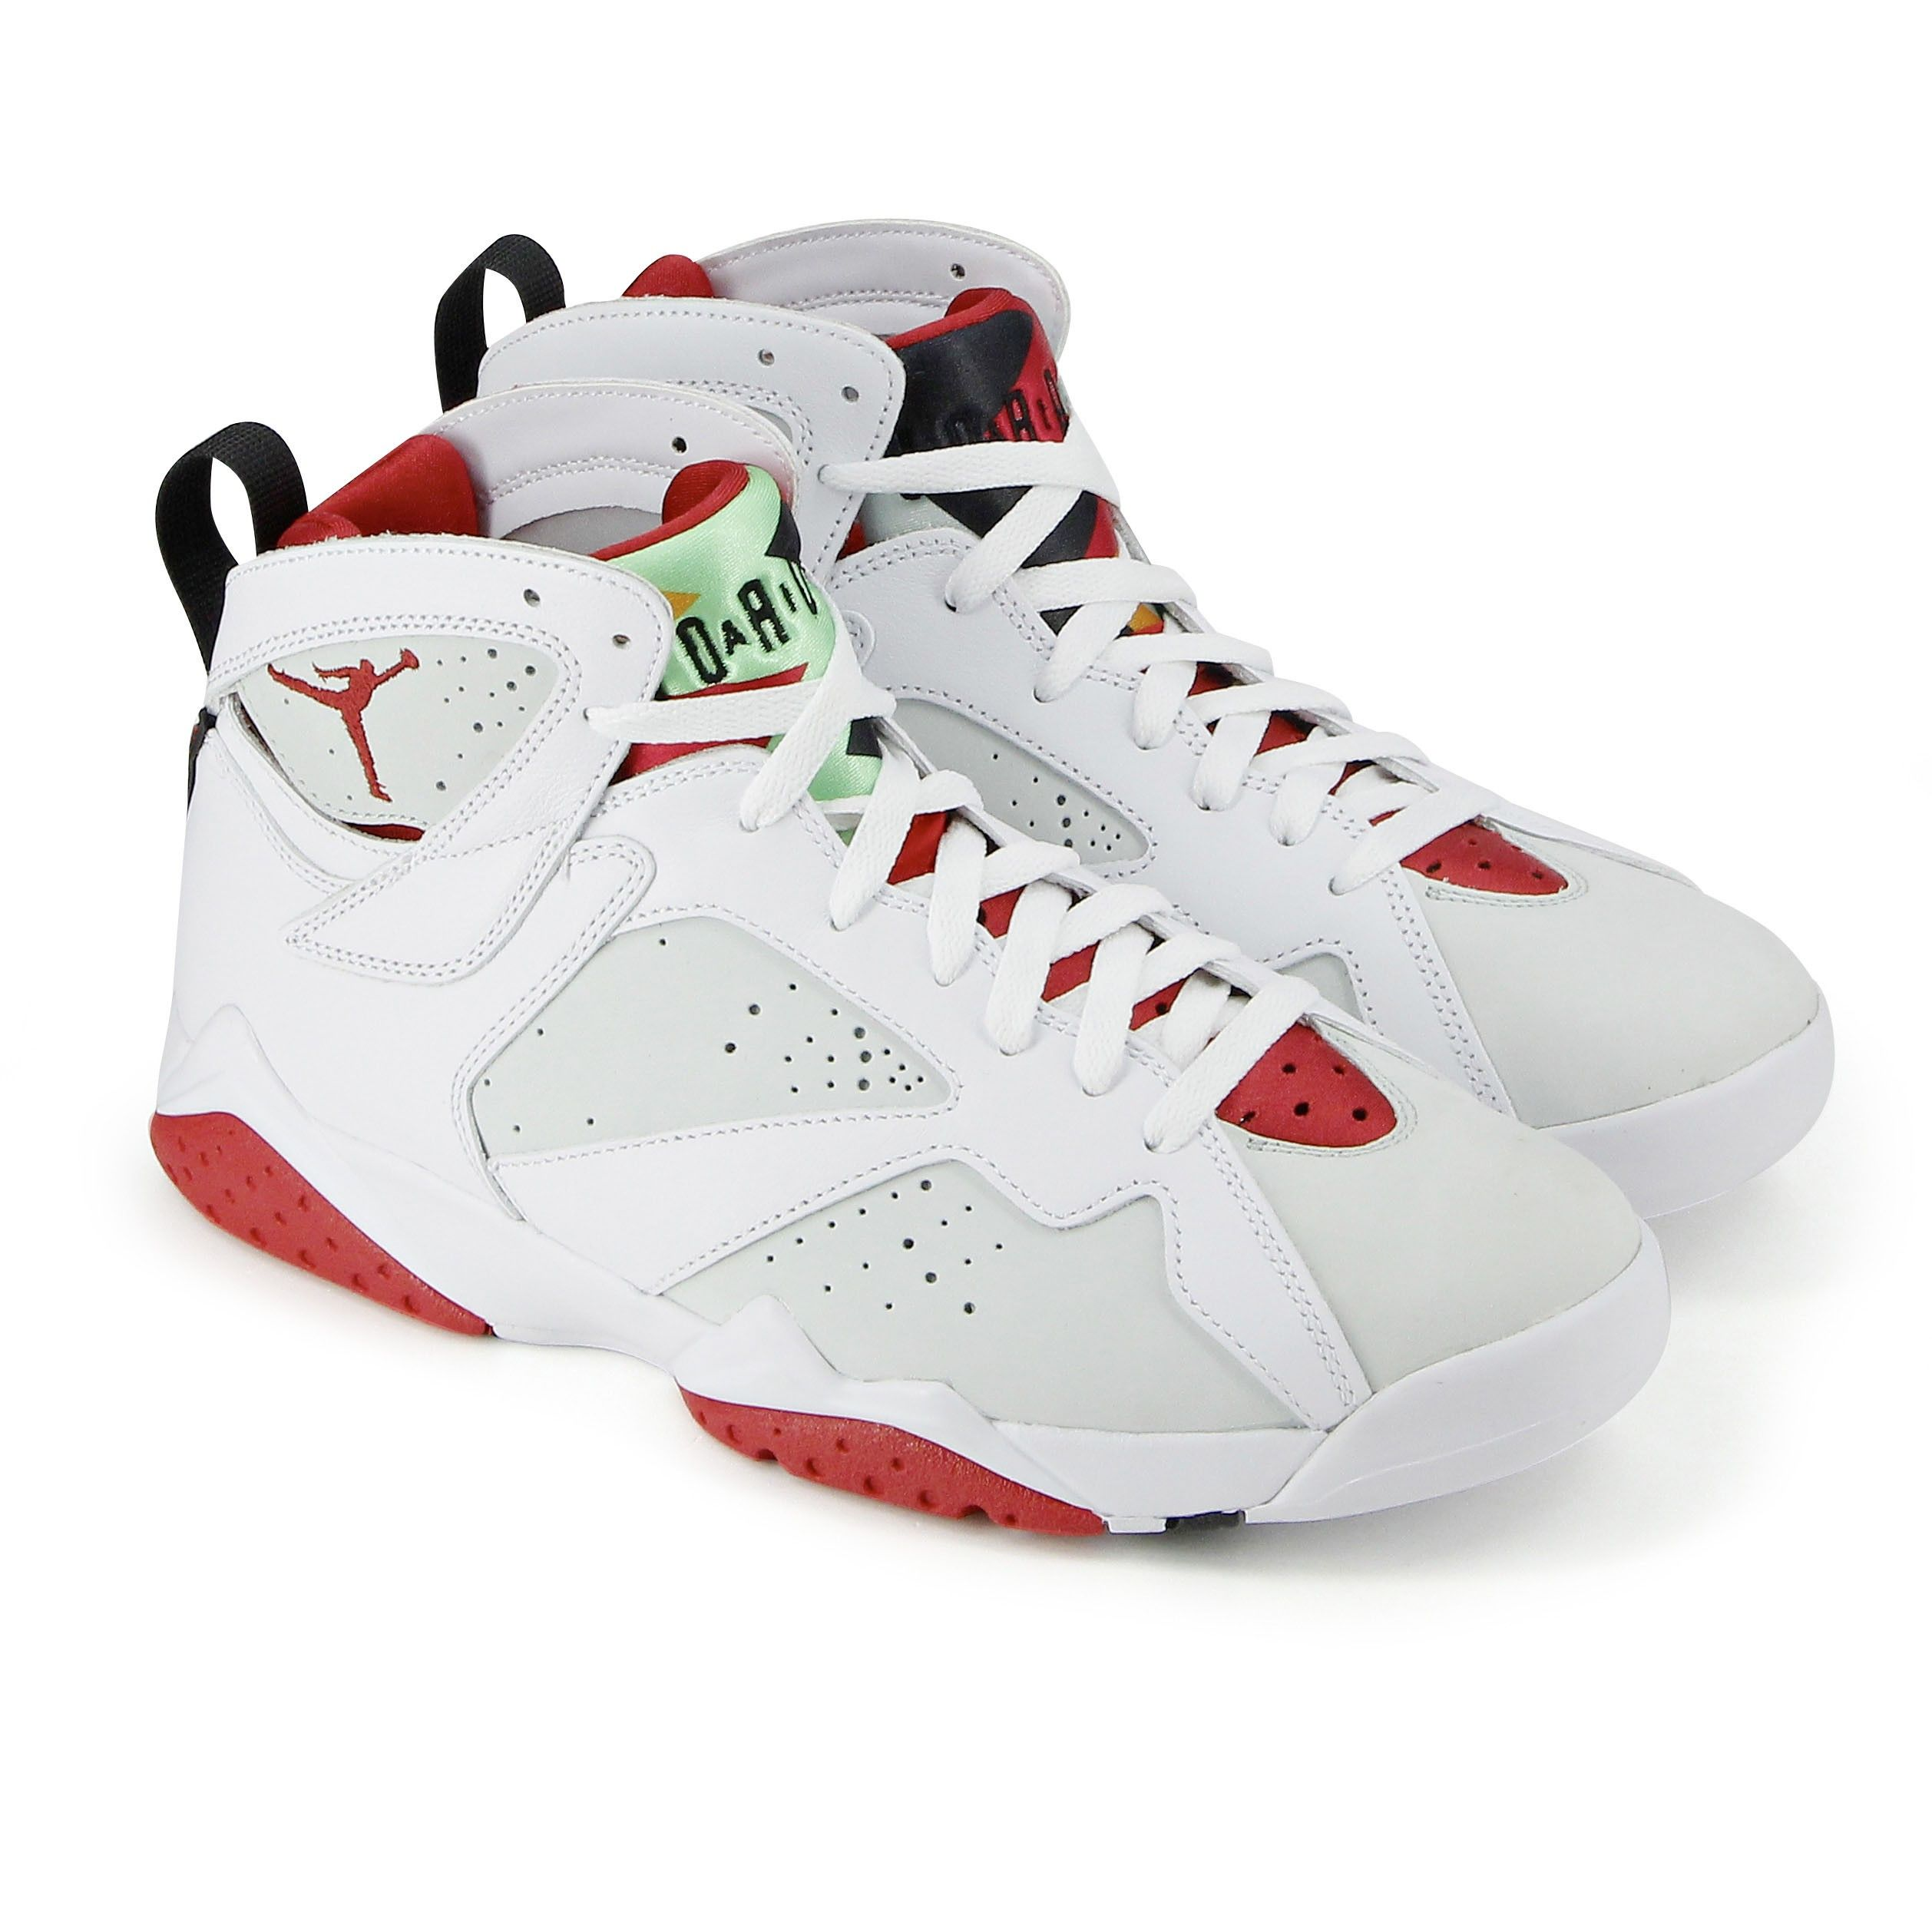 Ce modèle fait partie des nombreux modèles de Jordan, une ligne apparue  pour la première fois sur les parquets en 1985 et à l'origine créée pour  Michael ...